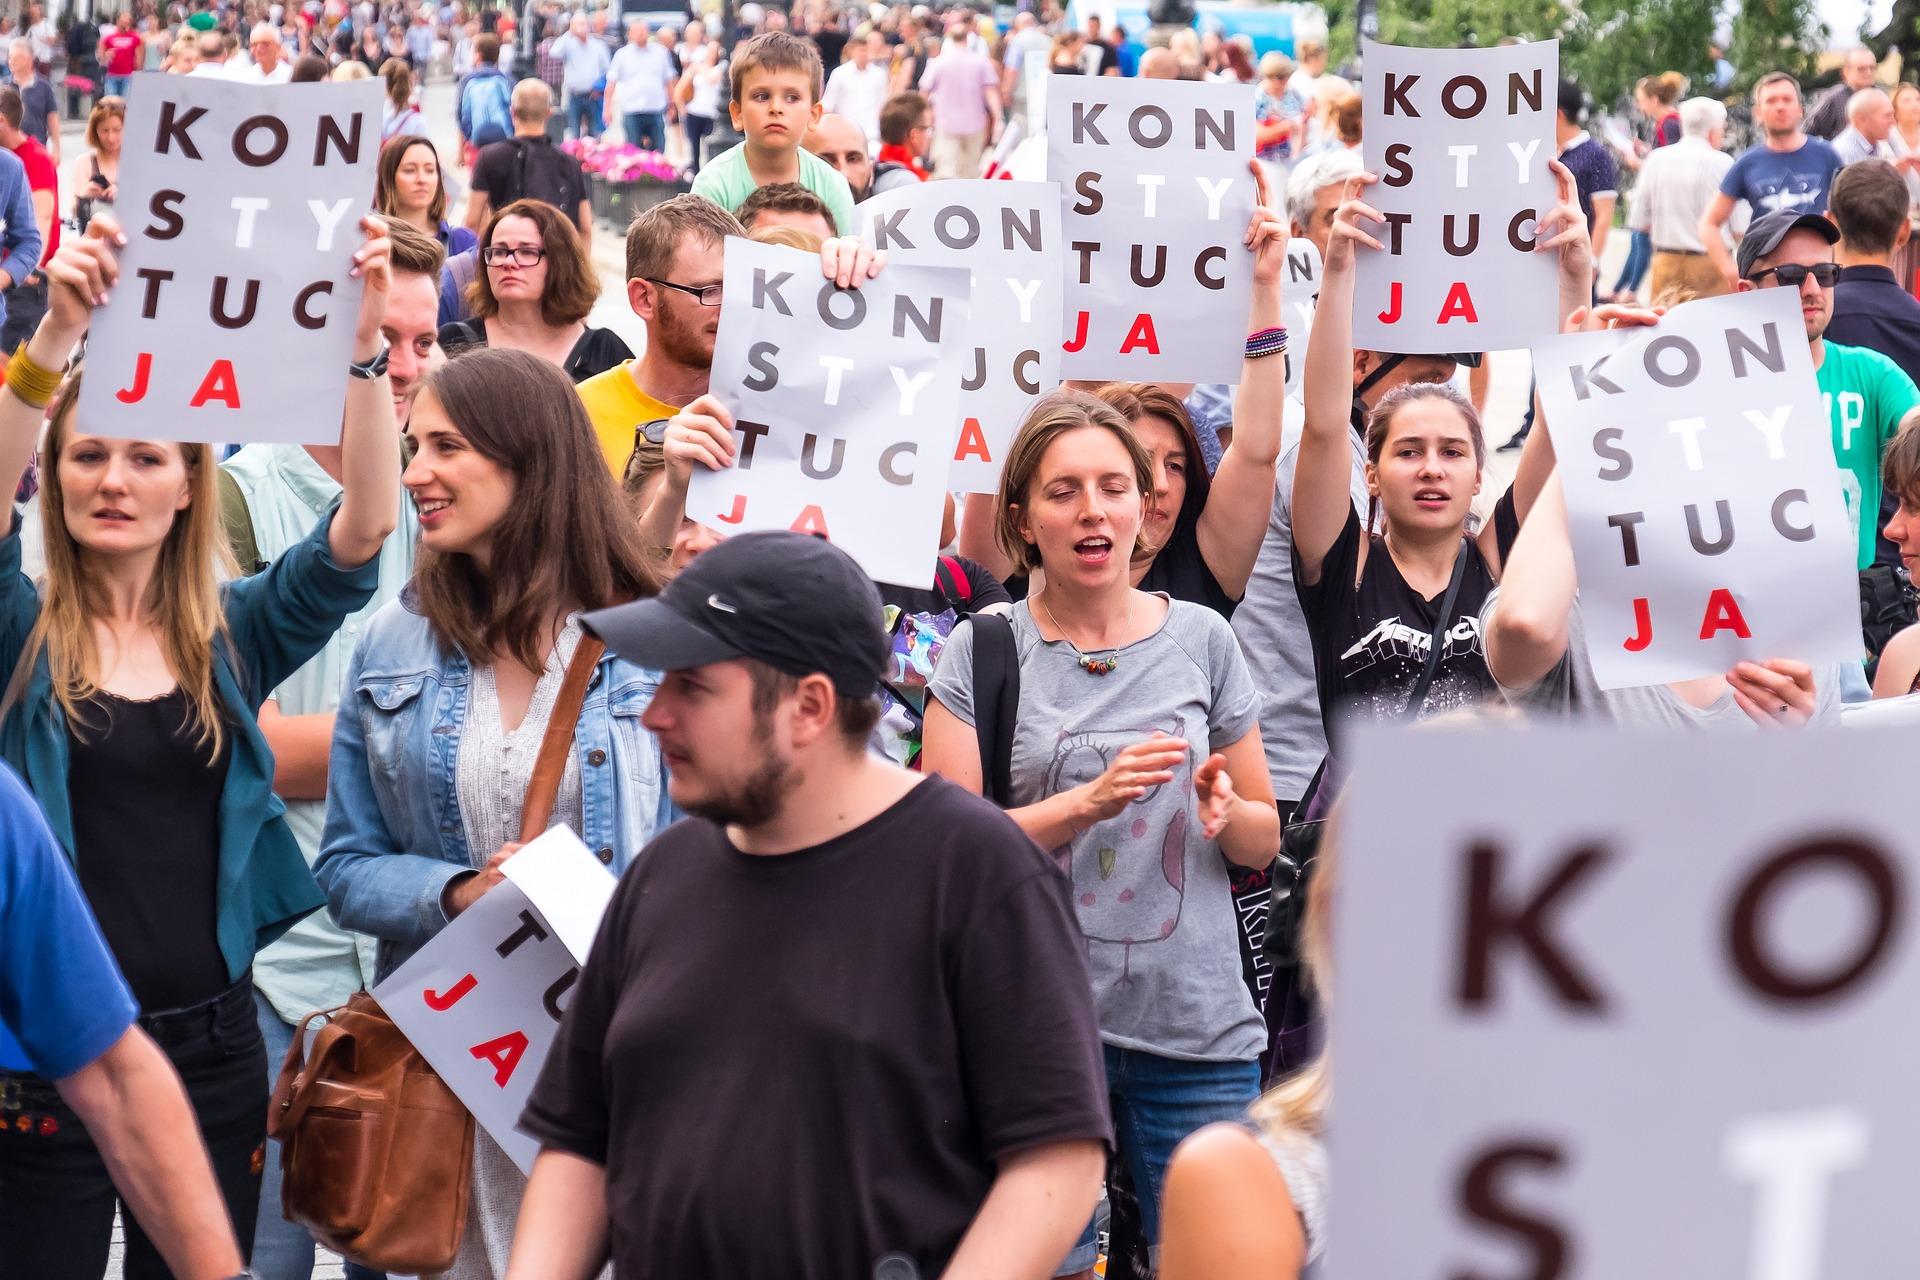 ludzie z plakatami z napisem KonsTYtucJA